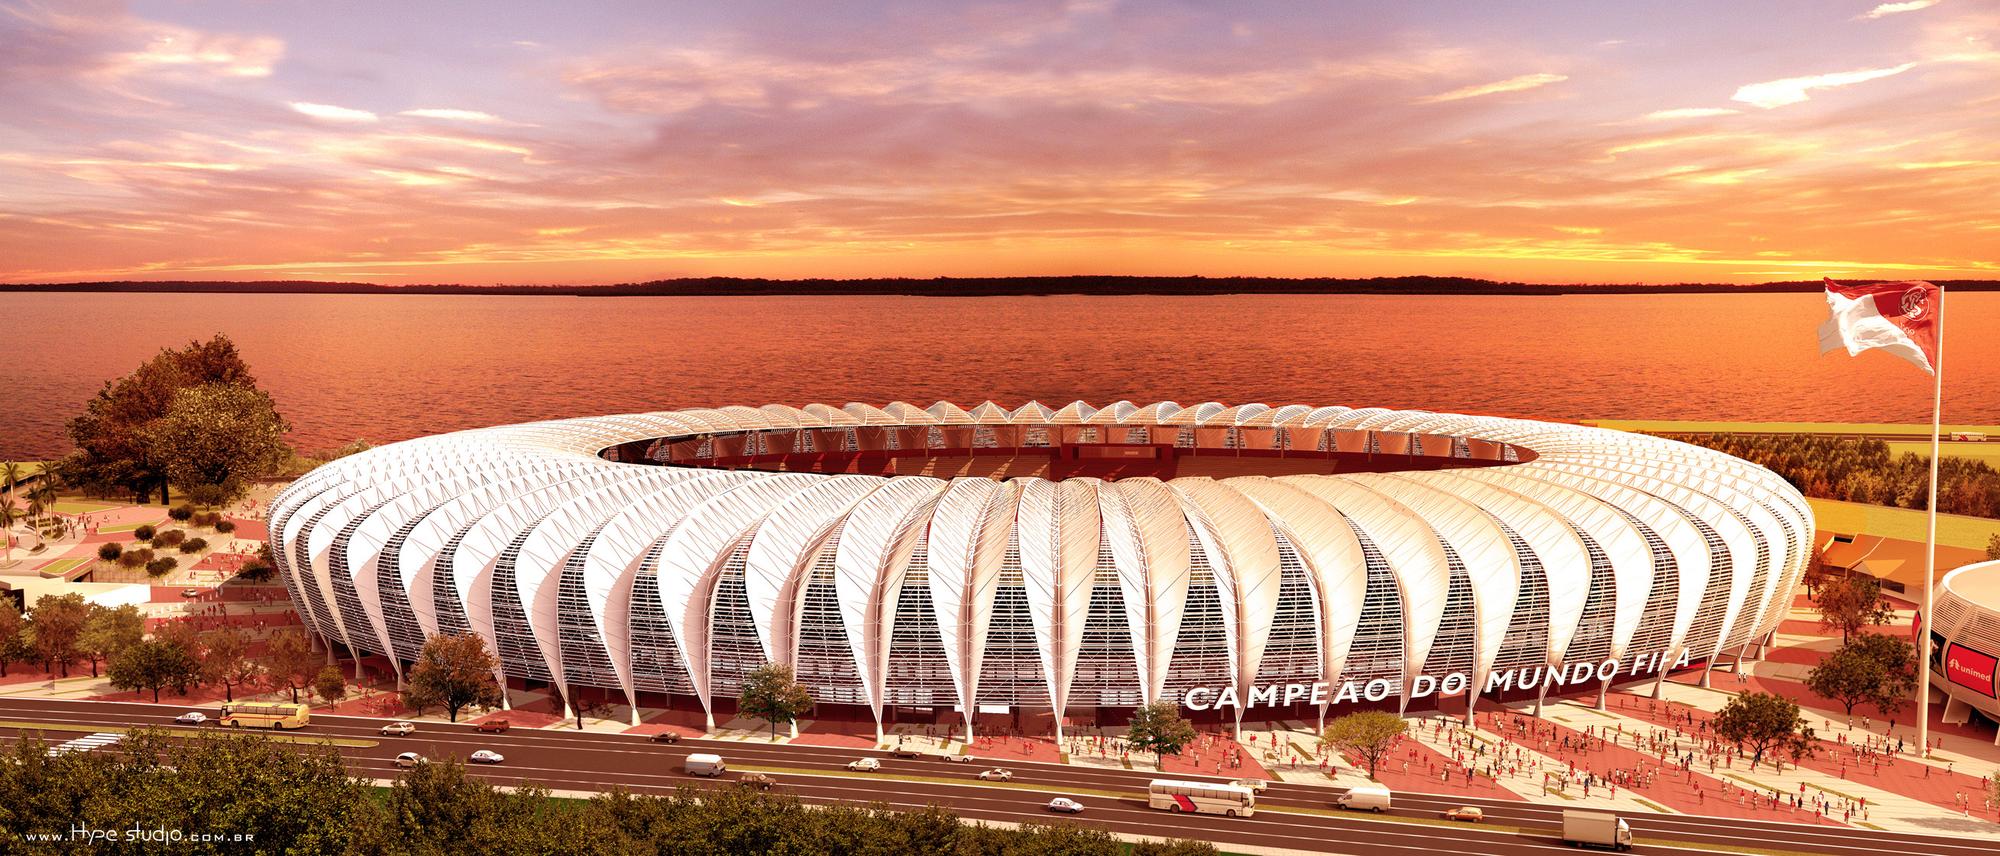 Estadio Beira Rio. Image Cortesia de Hype Studio